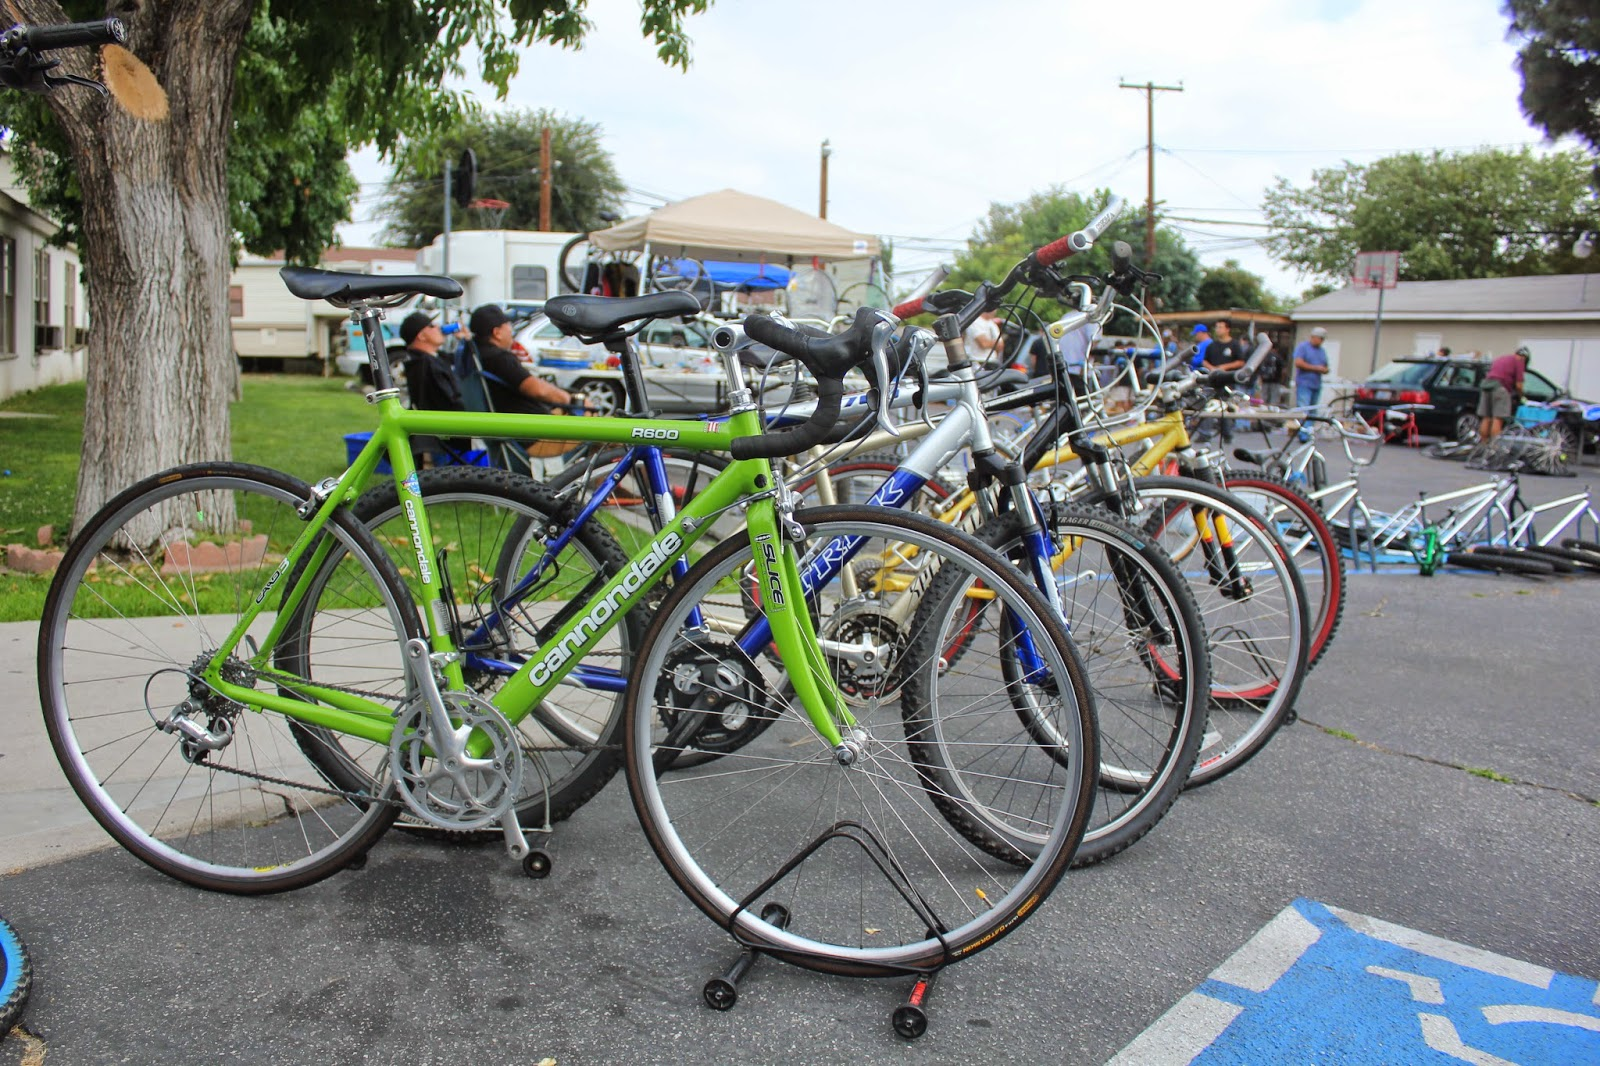 froome bike swap meet